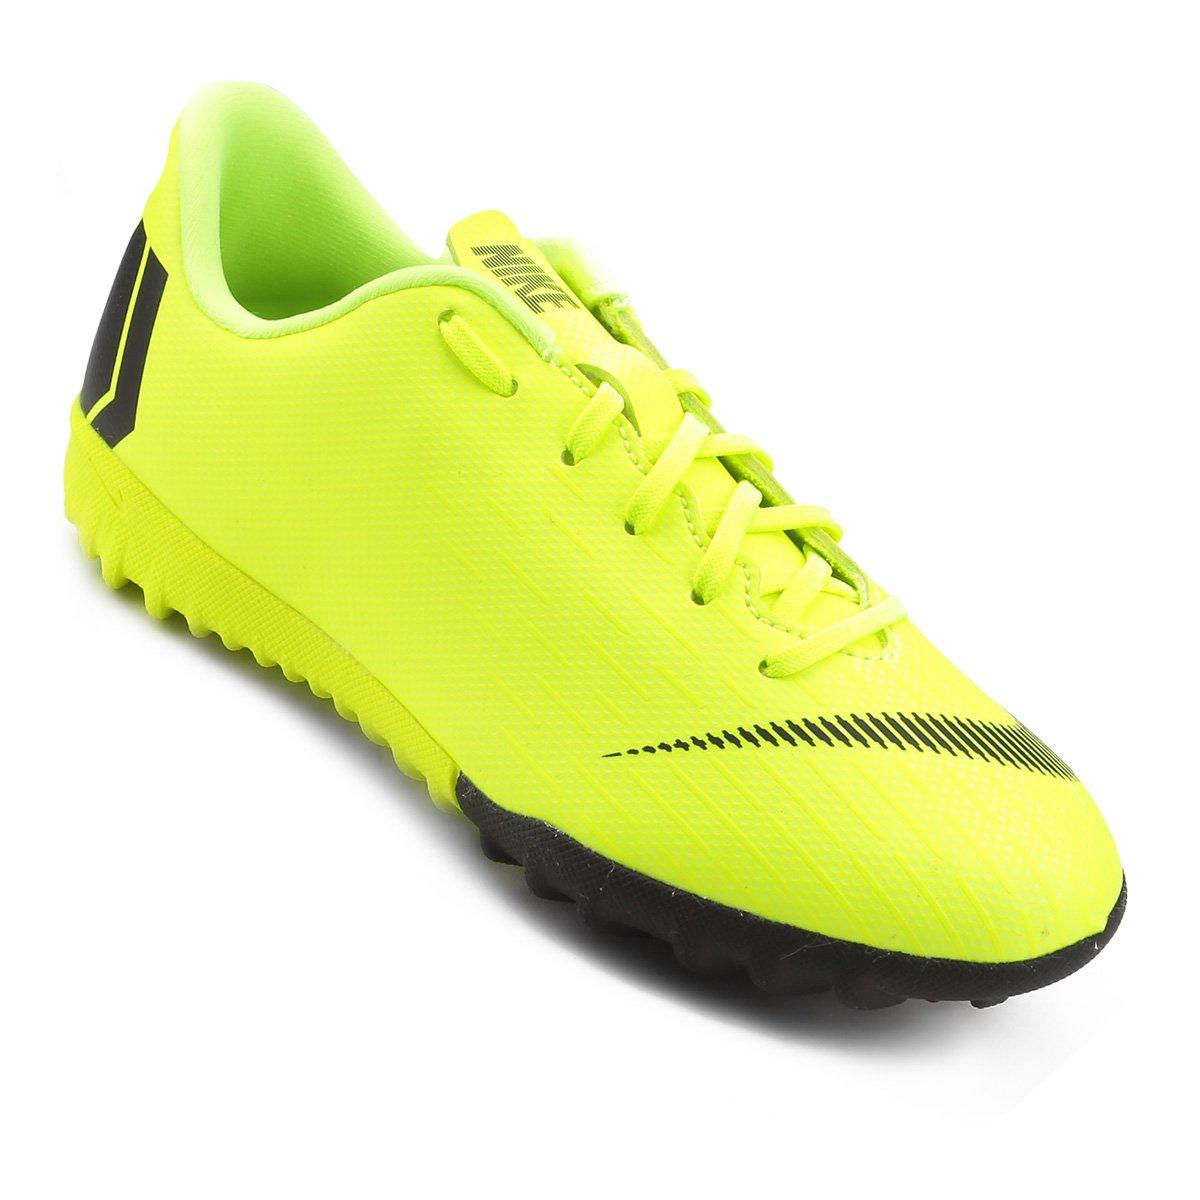 86d6d9dc1b Chuteira Society Infantil Nike Mercurial Vapor 12 Academy GS TF - Amarelo e  Preto